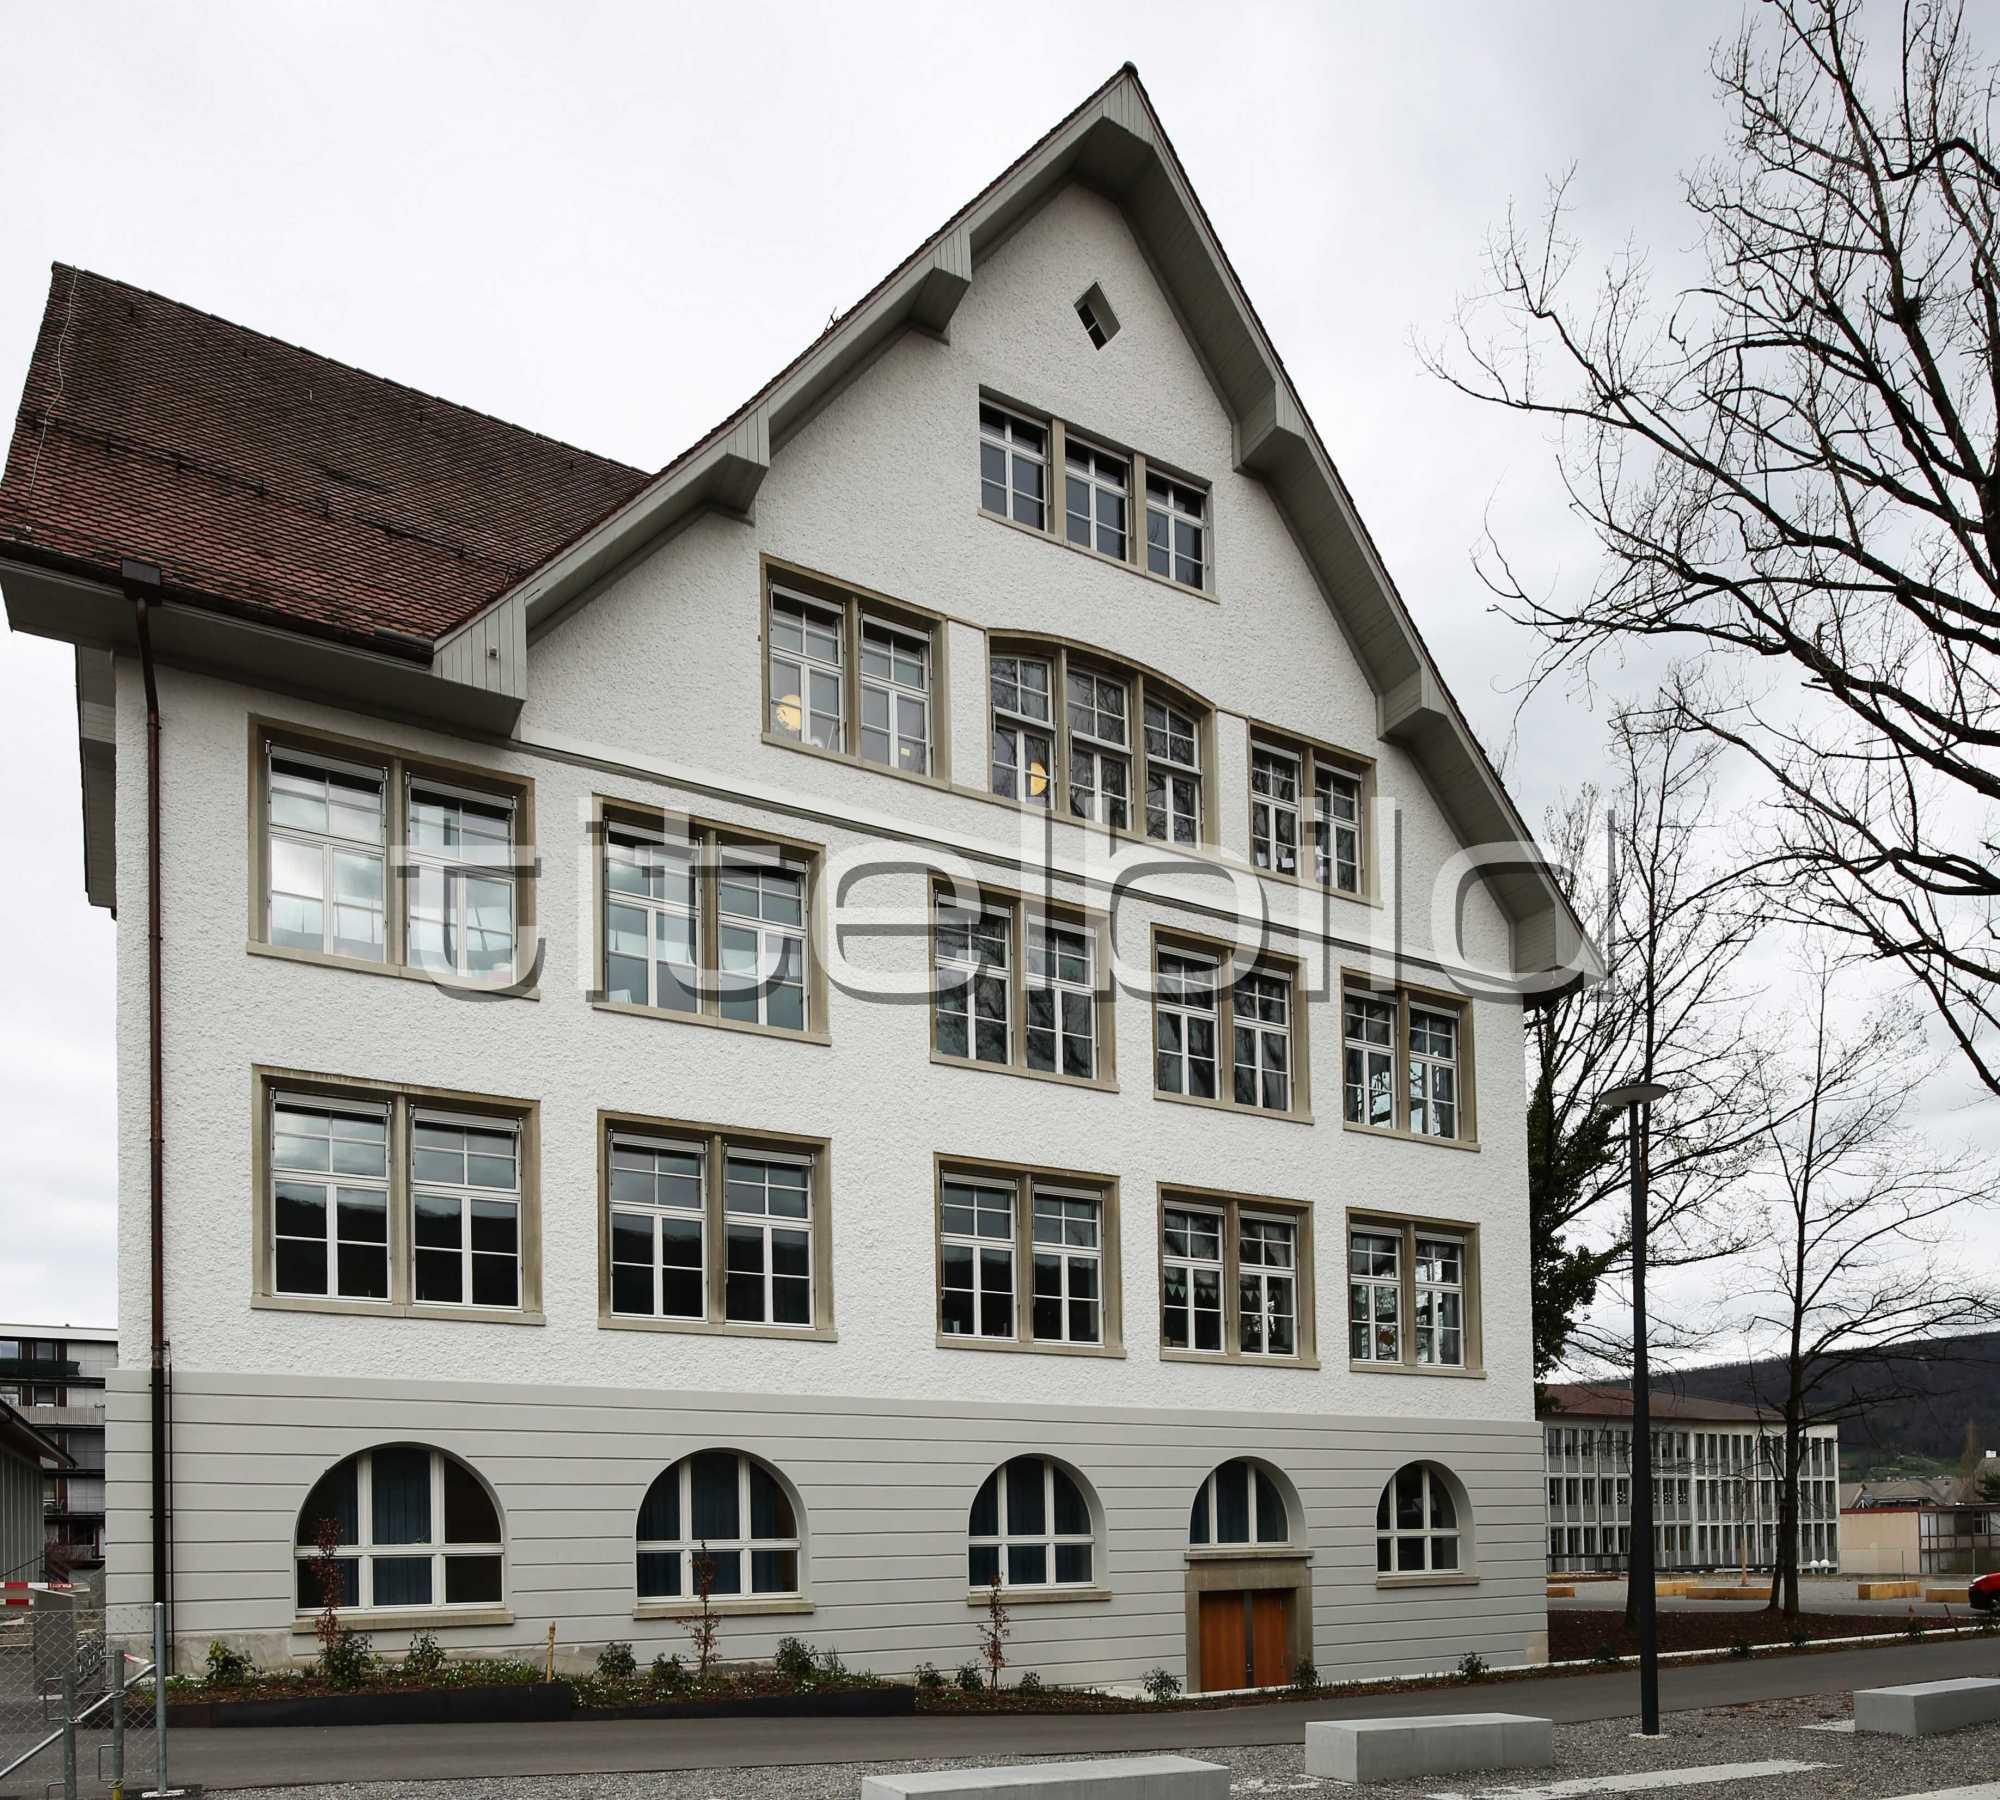 Projektbild-Nr. 2: Erneuerung altes Schulhaus